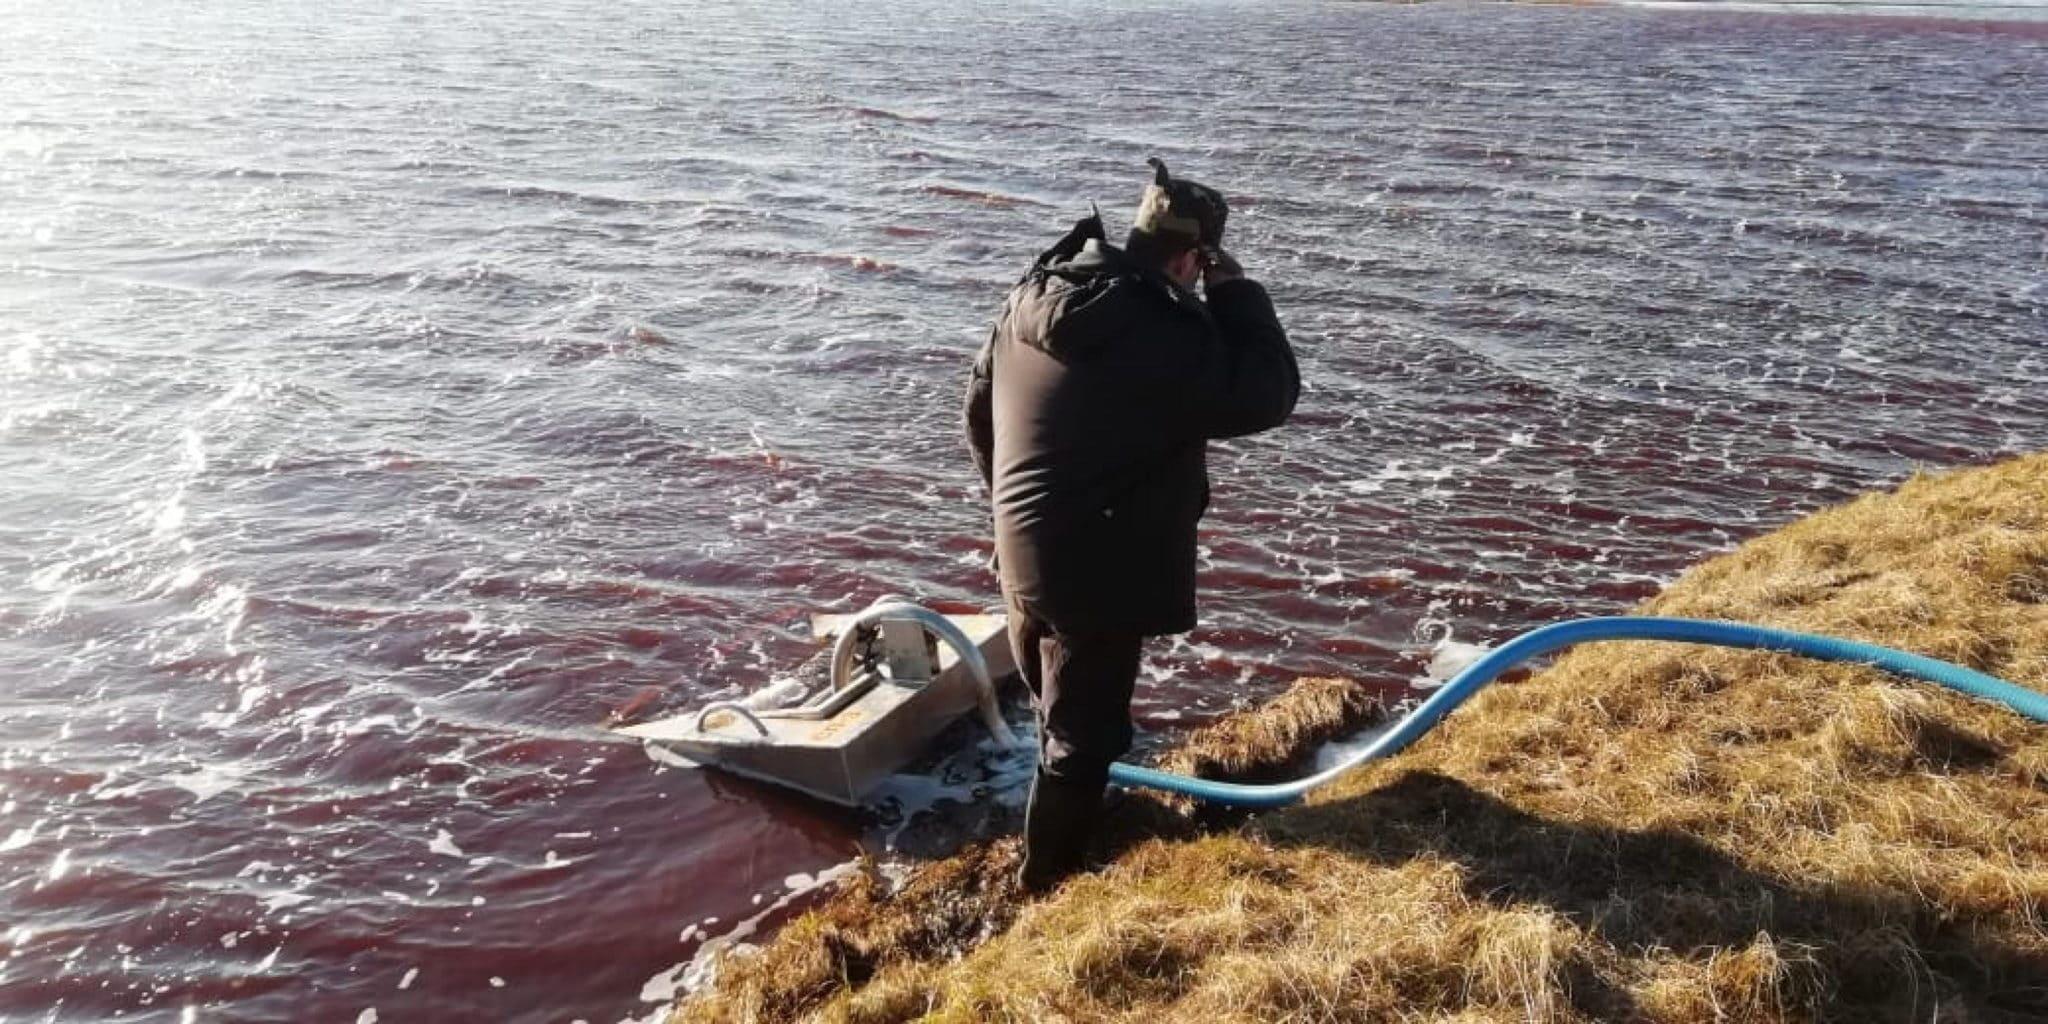 Disastro ambientale in Russia: tonnellate di gasolio di una